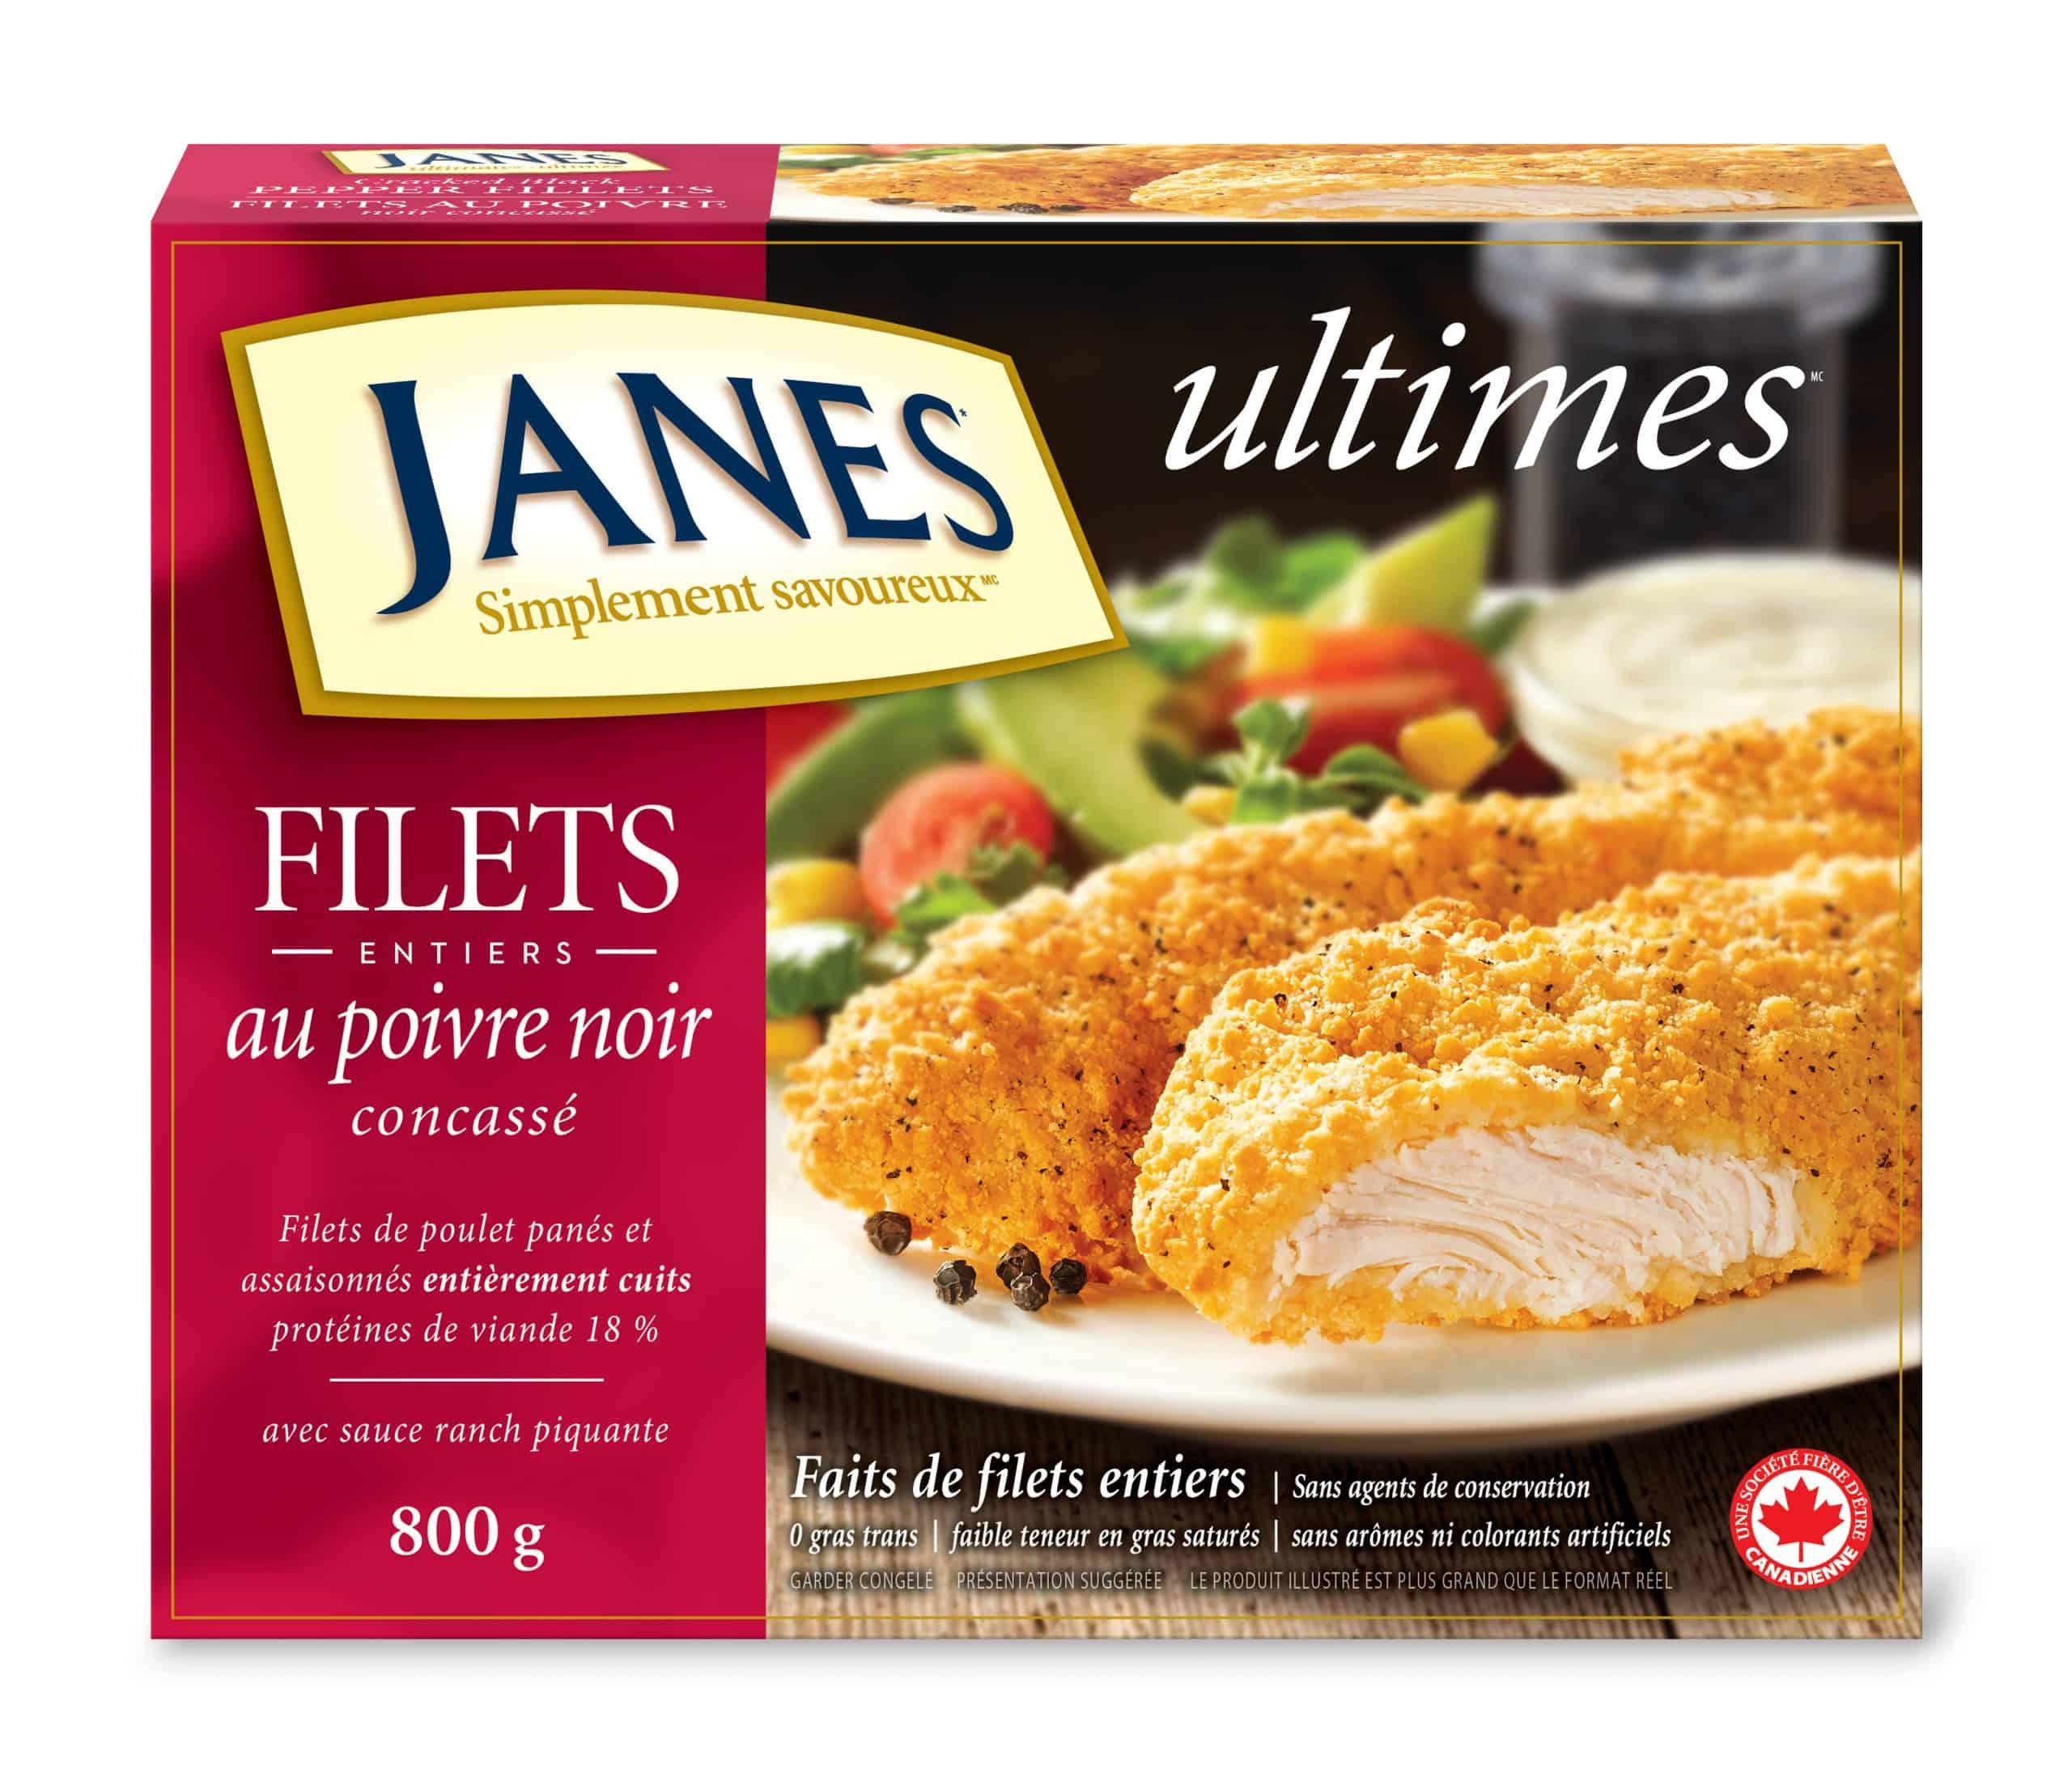 Filets de poulet panés <span>ultimes</span> au poivre noir concassé